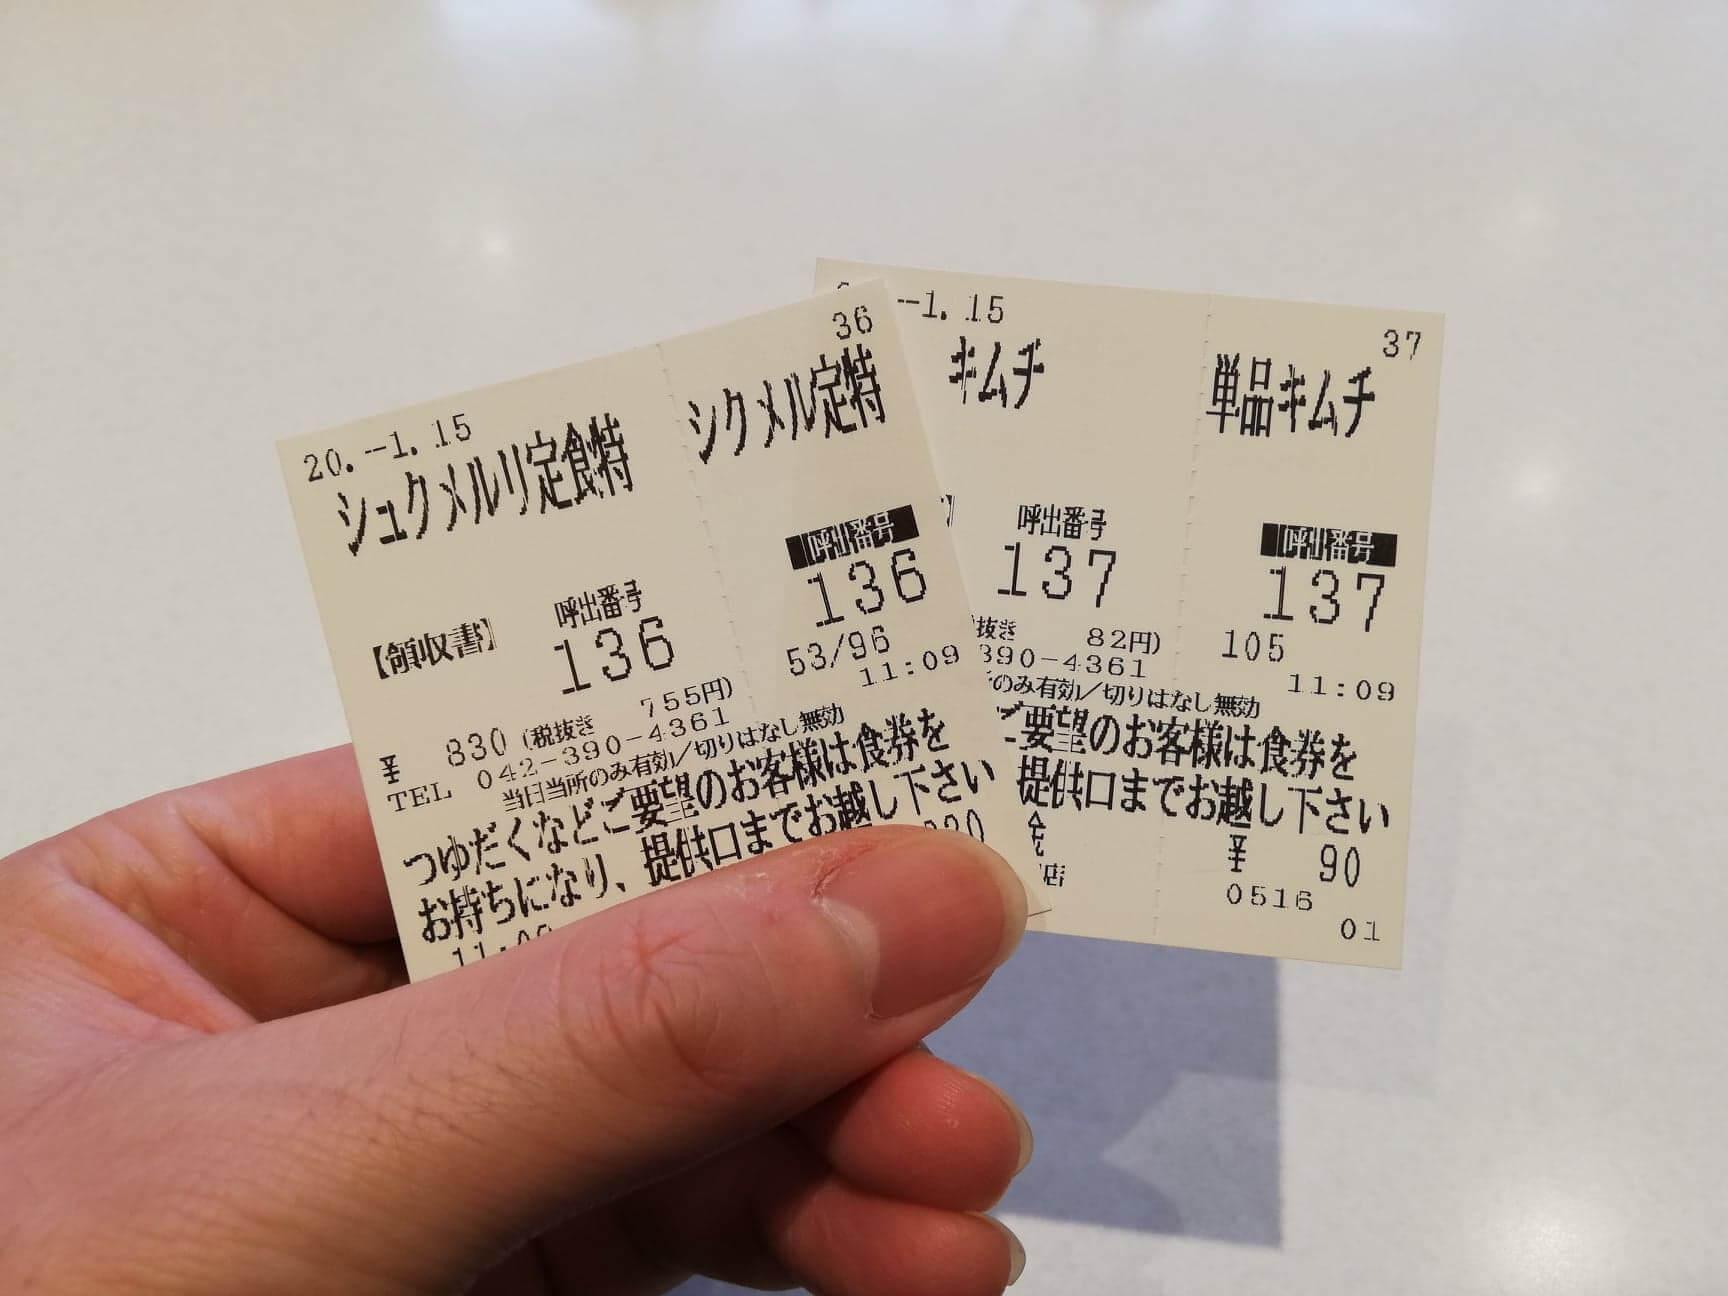 松屋の食券の写真